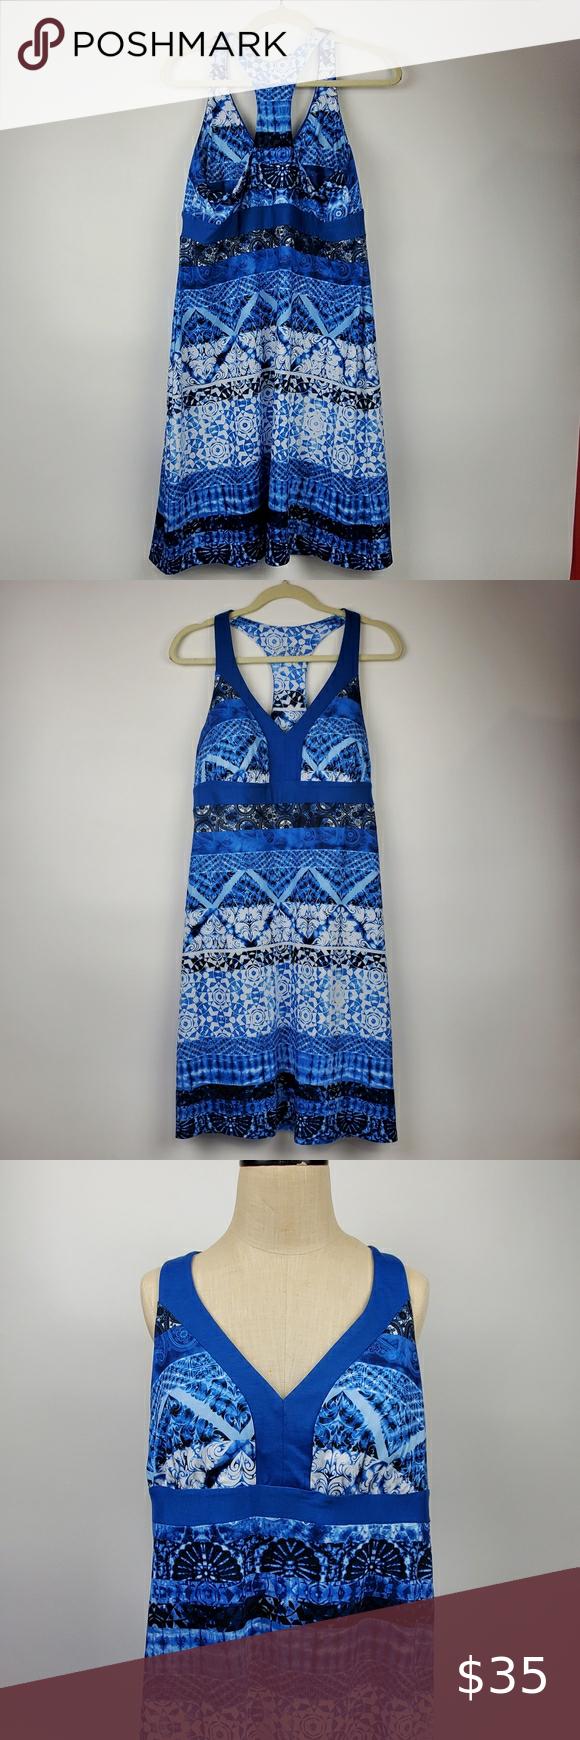 Ladies Gerry Racerback Summer Dress Nwt Ladies Gerry Racerback Summer Dress Casual Wear Perfect For Outdoo Summer Dresses Casual Summer Dresses Dresses [ 1740 x 580 Pixel ]